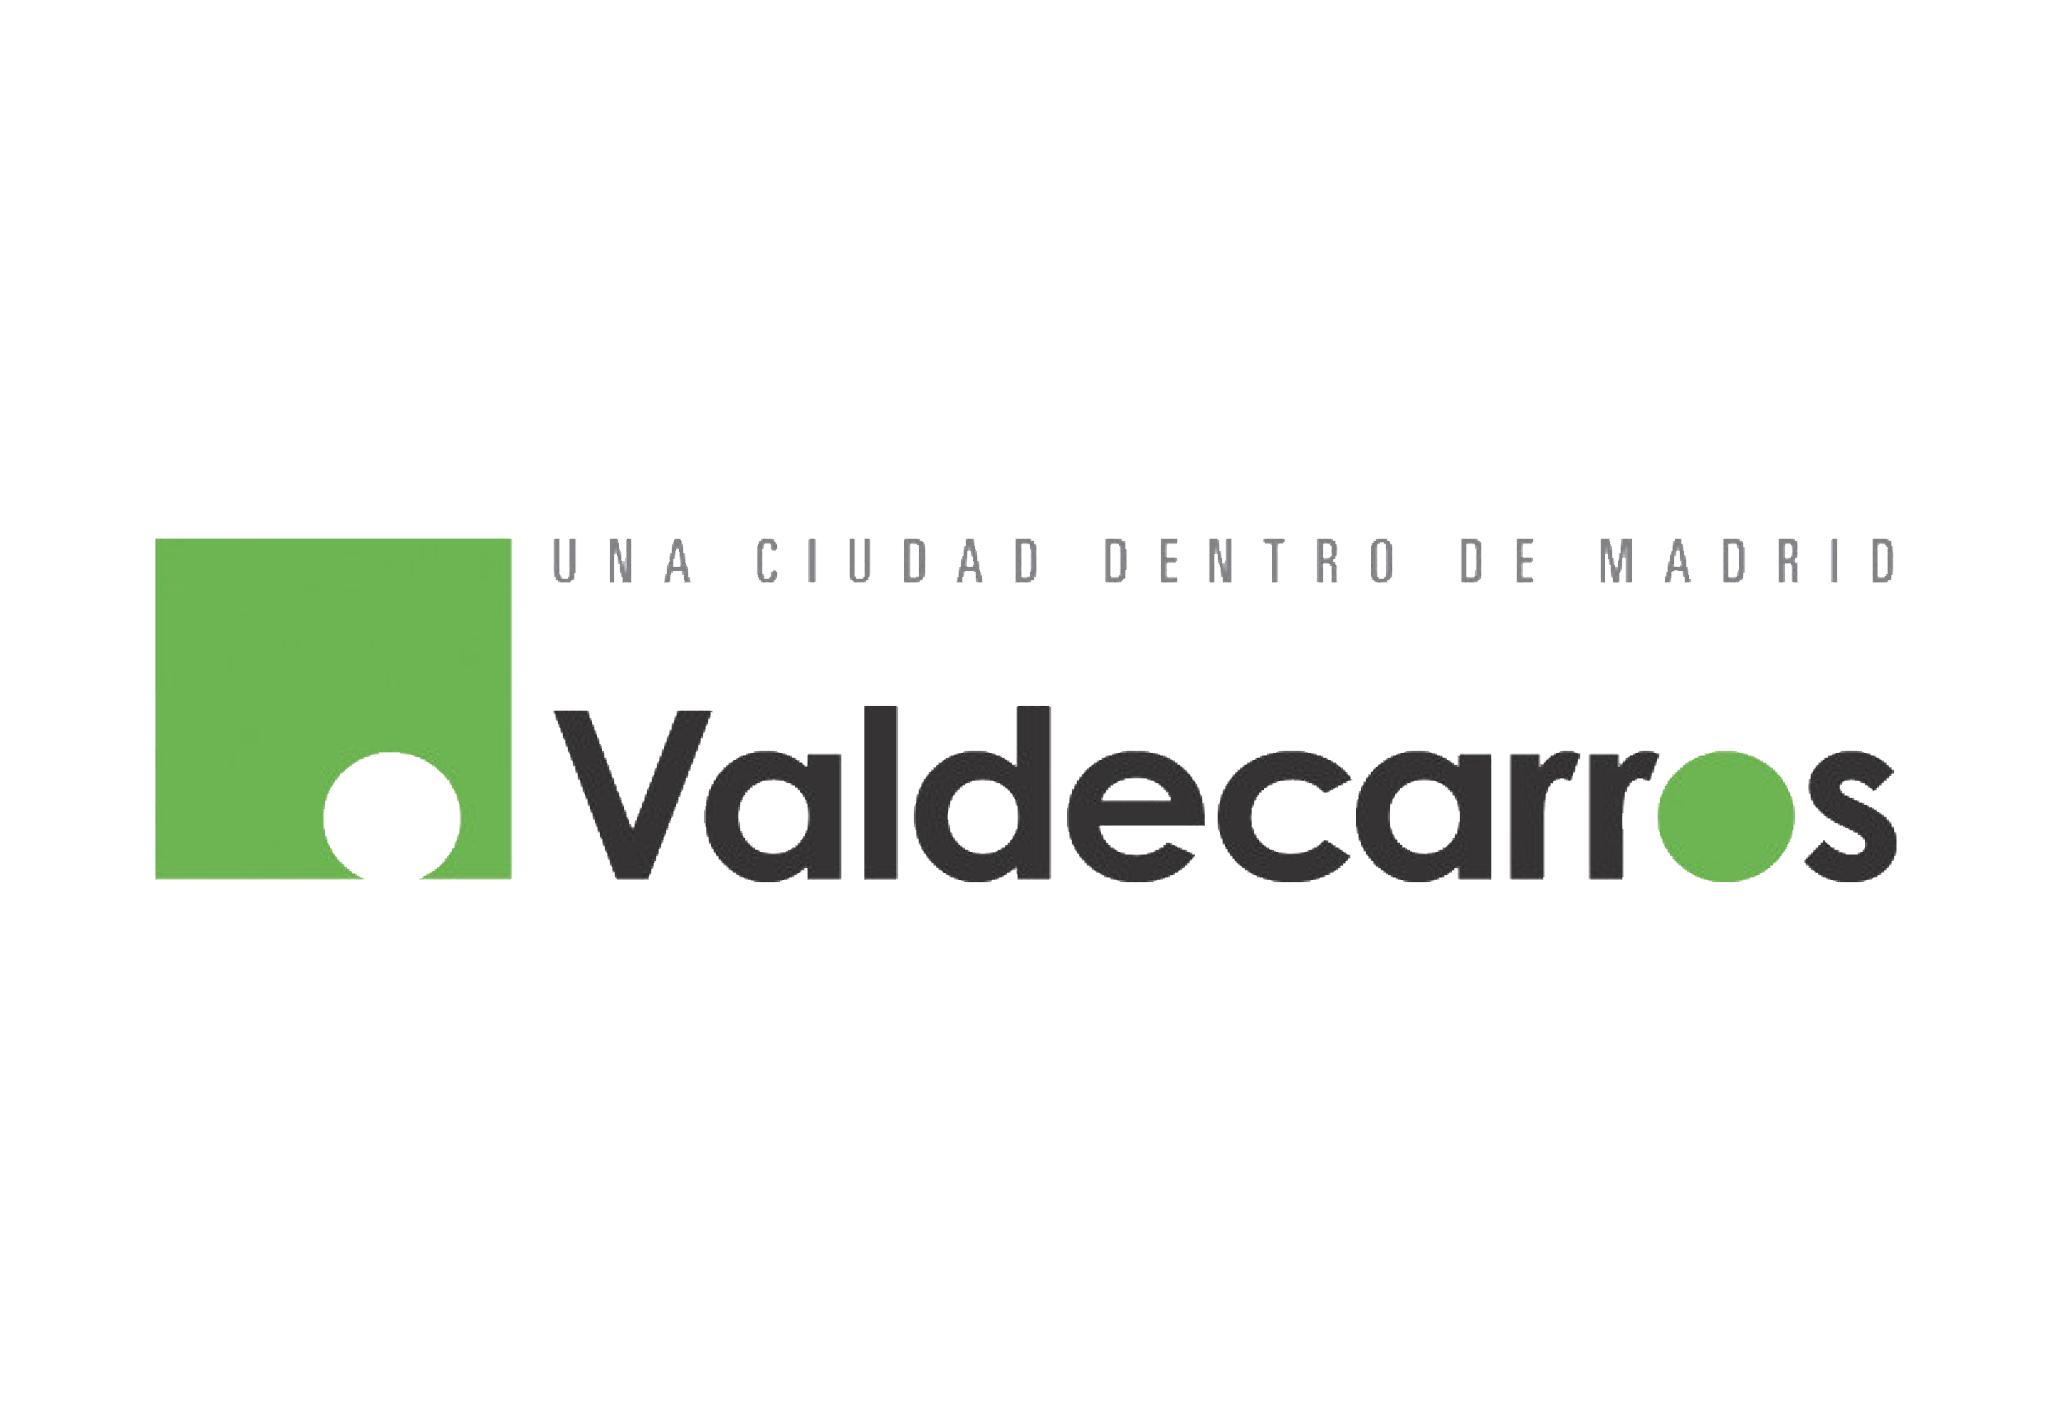 Junta de compensación de Valdecarros